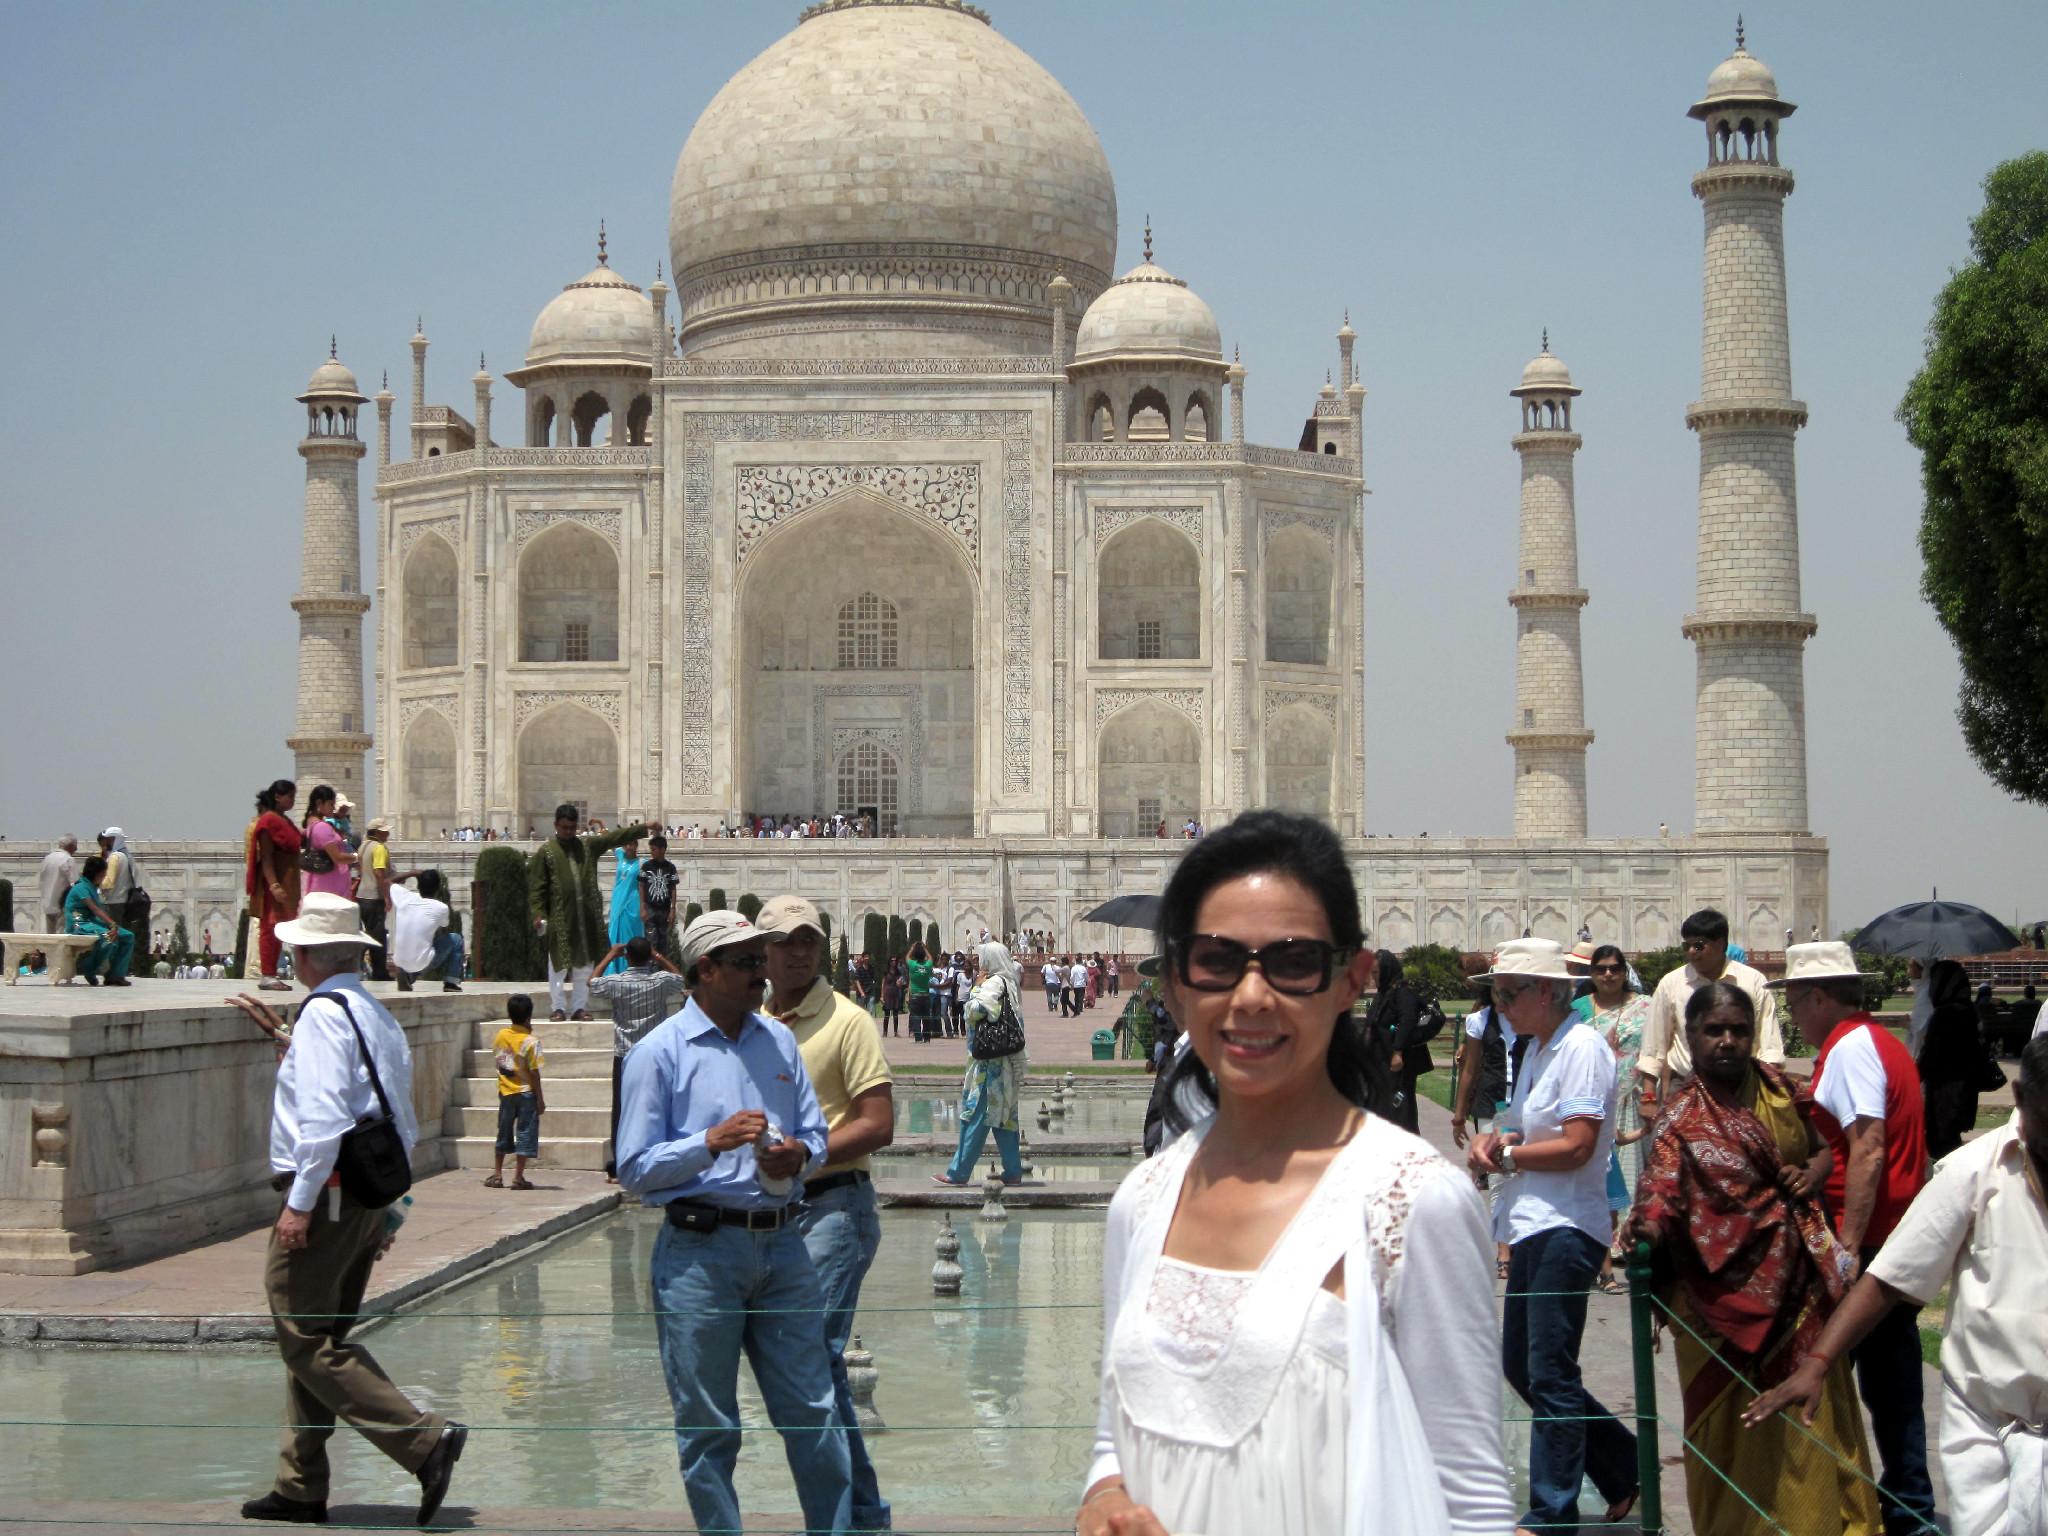 At the Taj Mahal in April 2010.jpg